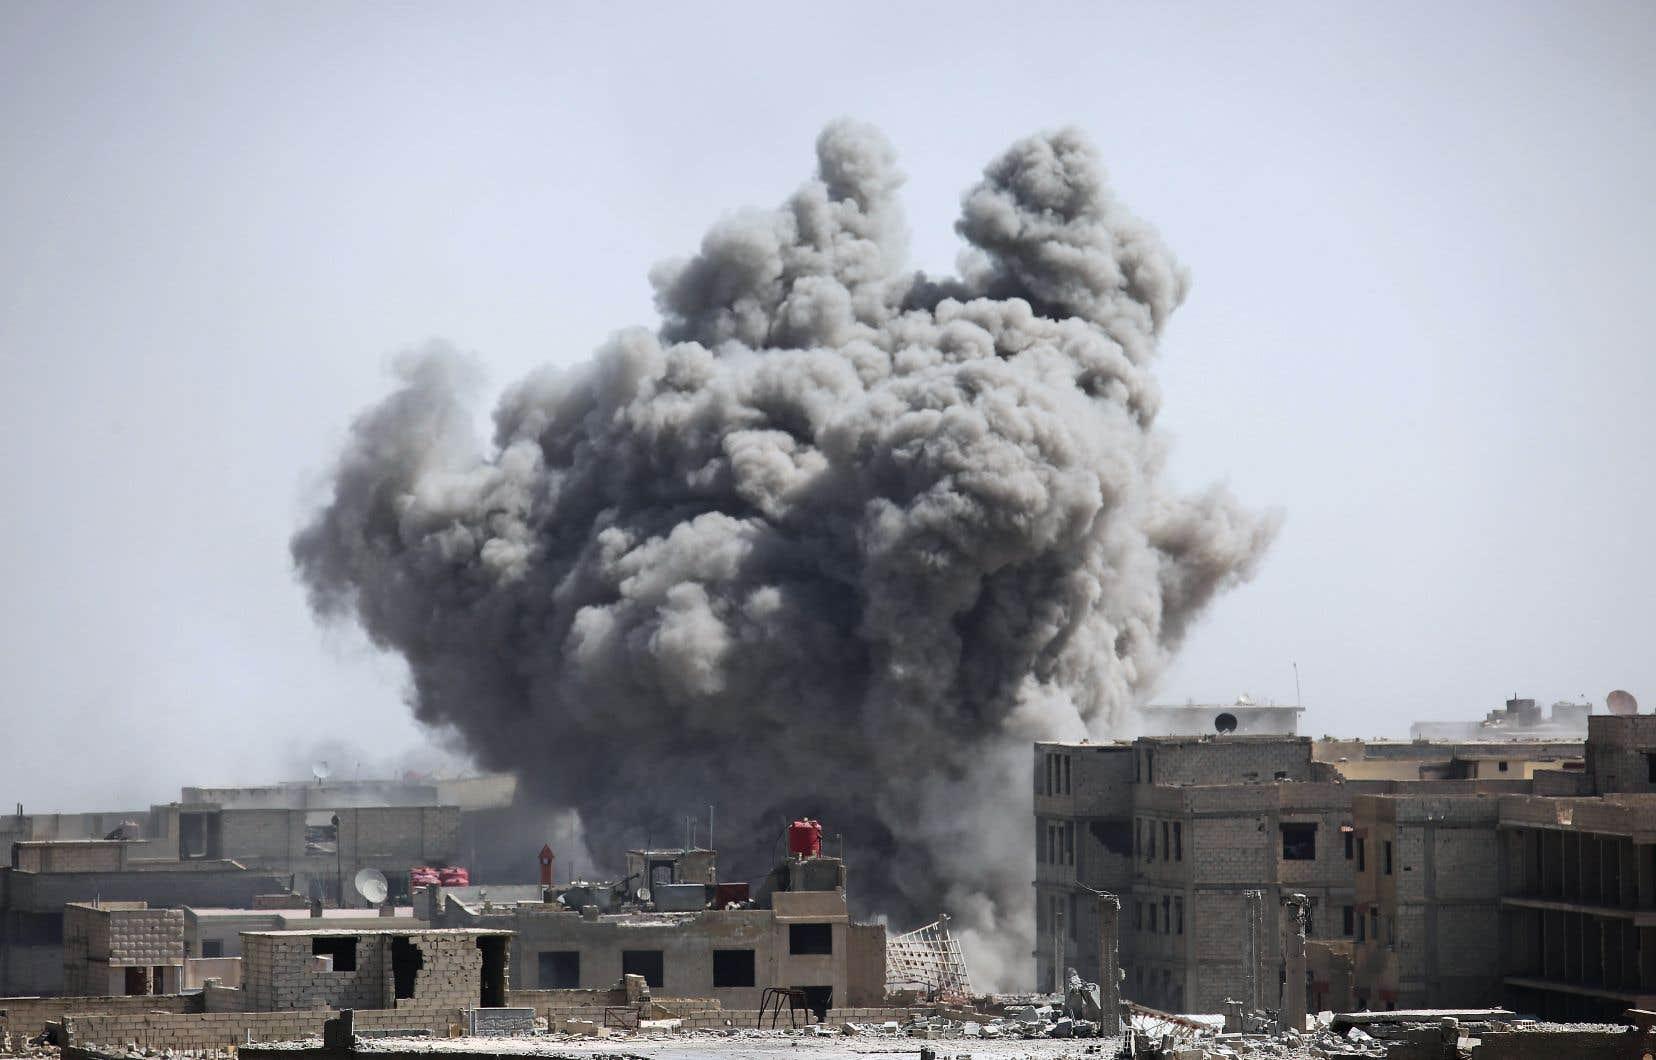 L'accord, passé avec le régime et négocié par son indéfectible allié russe, intervient alors que les territoires rebelles dans la Ghouta orientale ont été laminés.